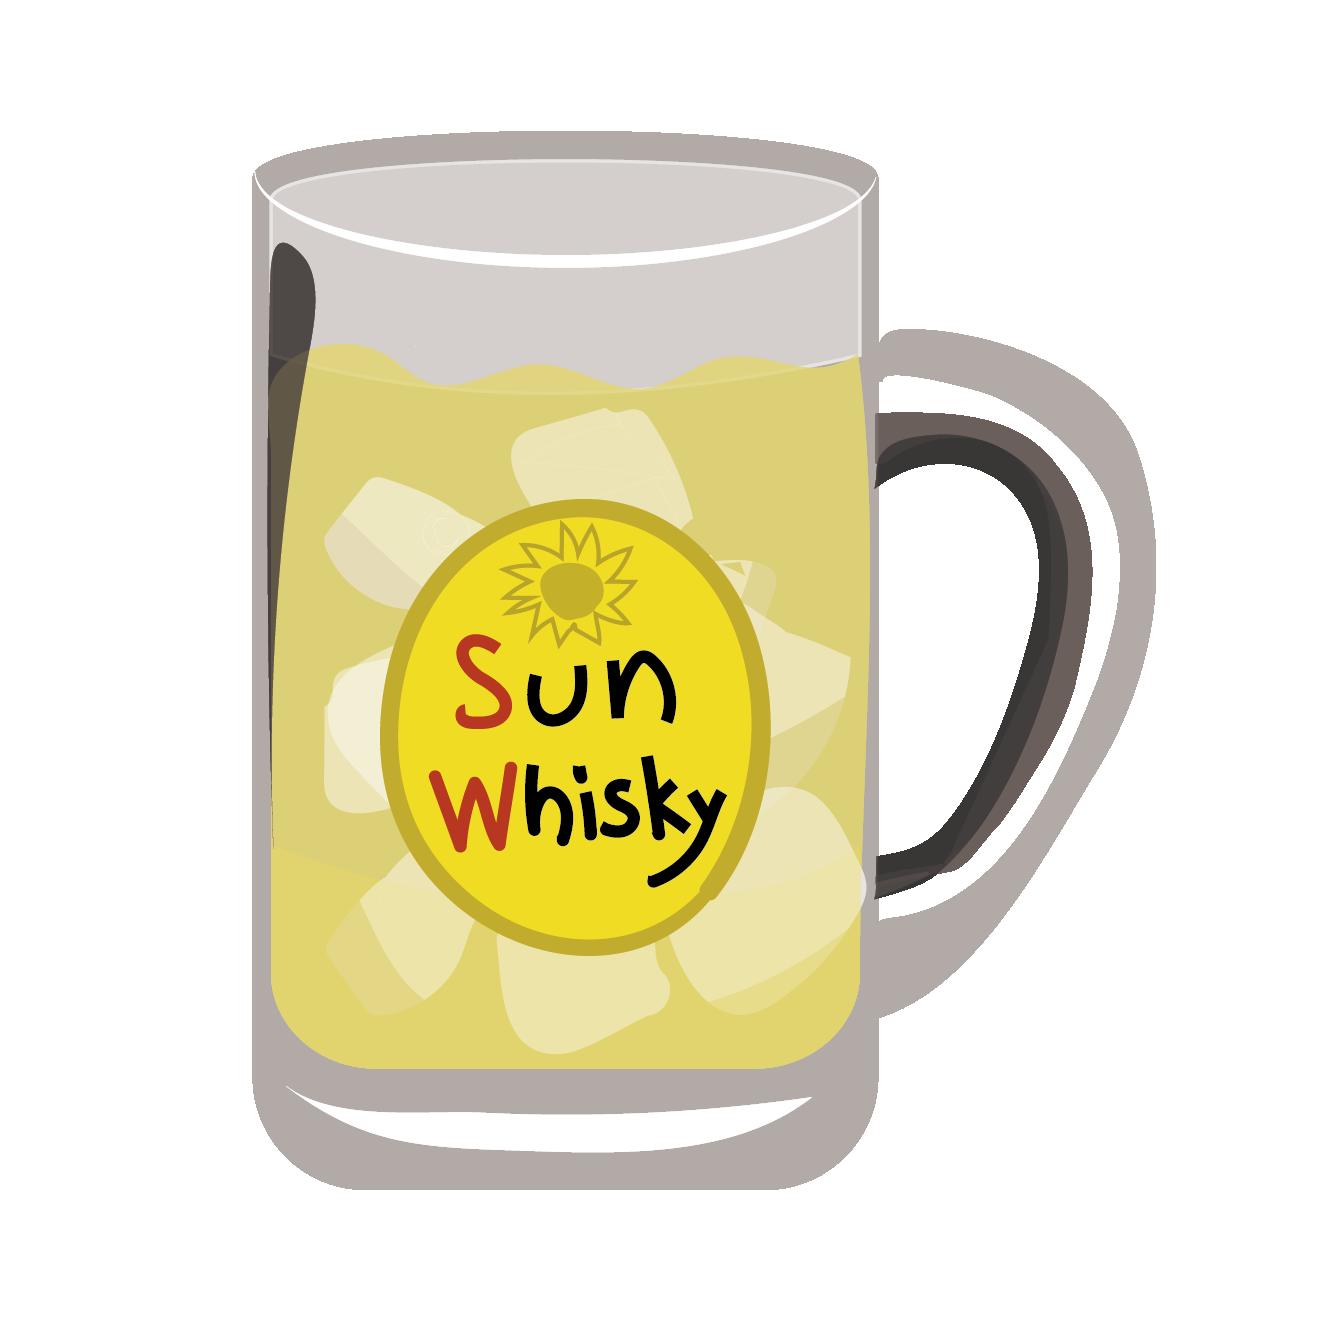 ハイボール(はいぼーる)ウィスキー・お酒のイラスト | 商用フリー